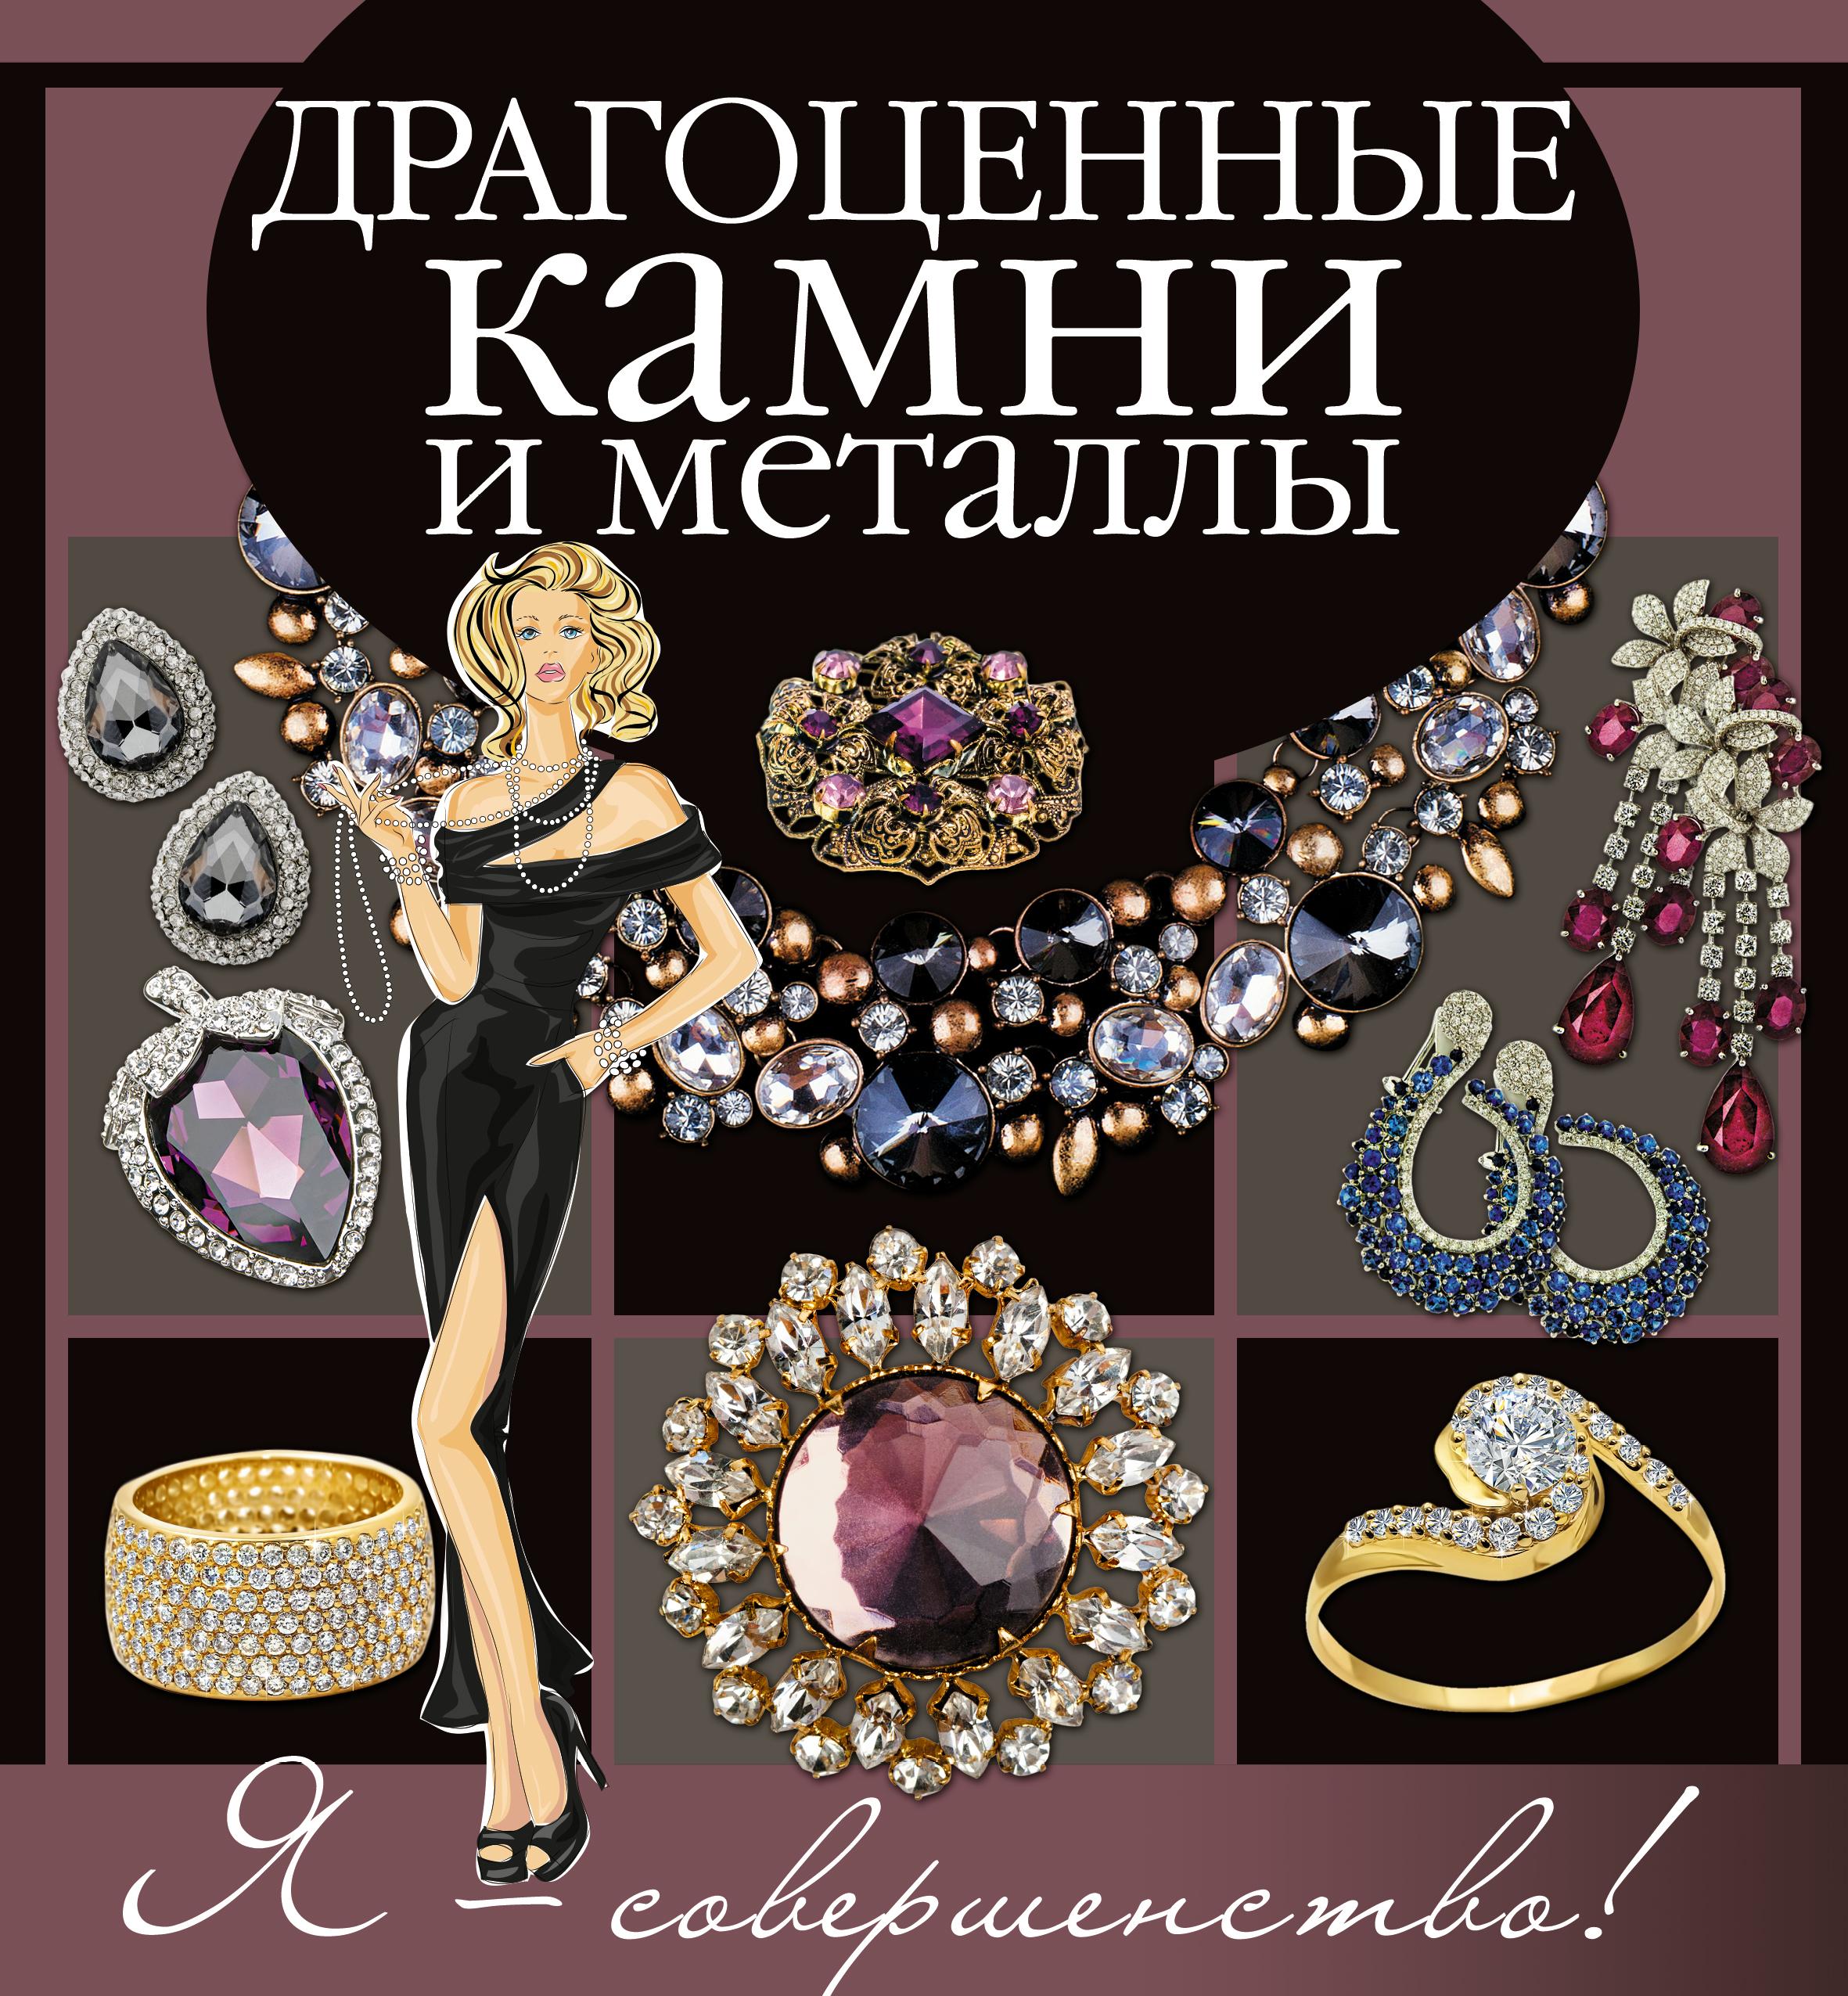 . Драгоценные камни и металлы драгоценные камни и металлы